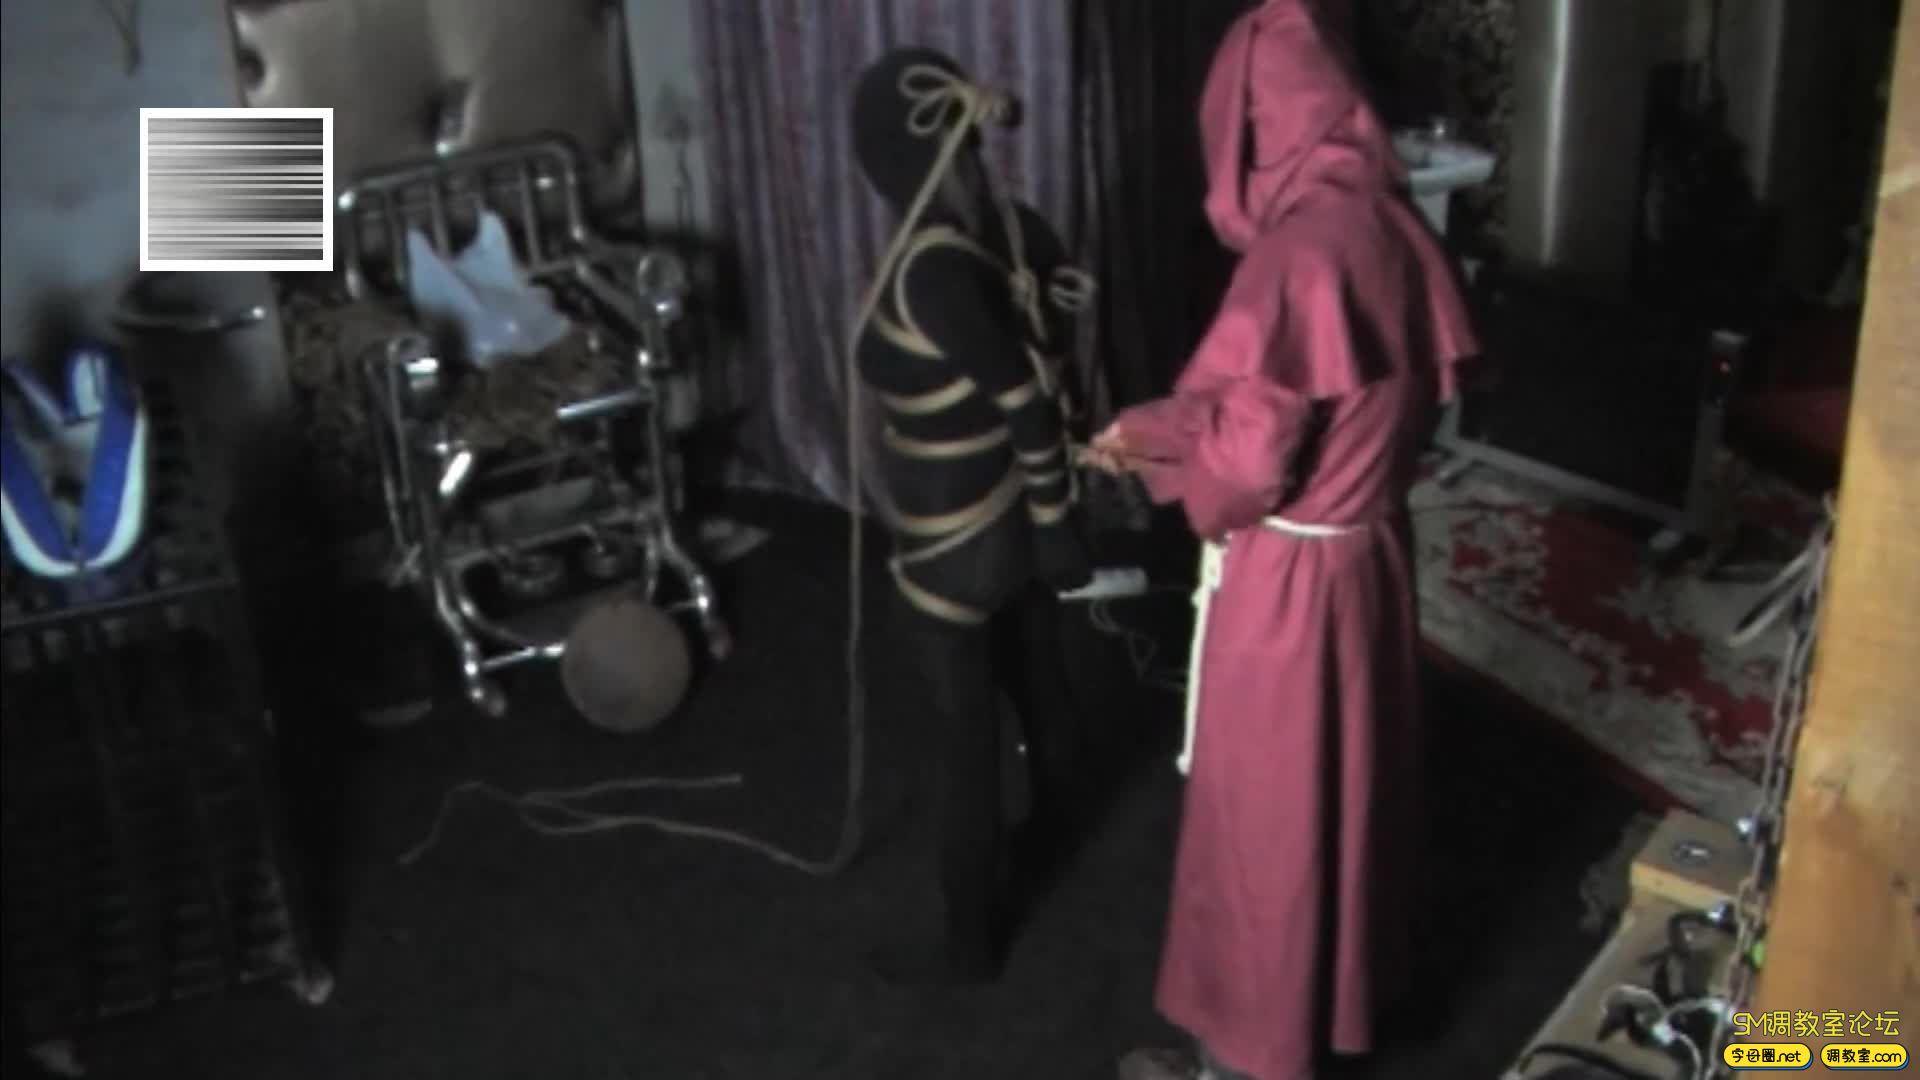 禅狱工作室_D乳黑衣女吊缚鞭打-视频截图5